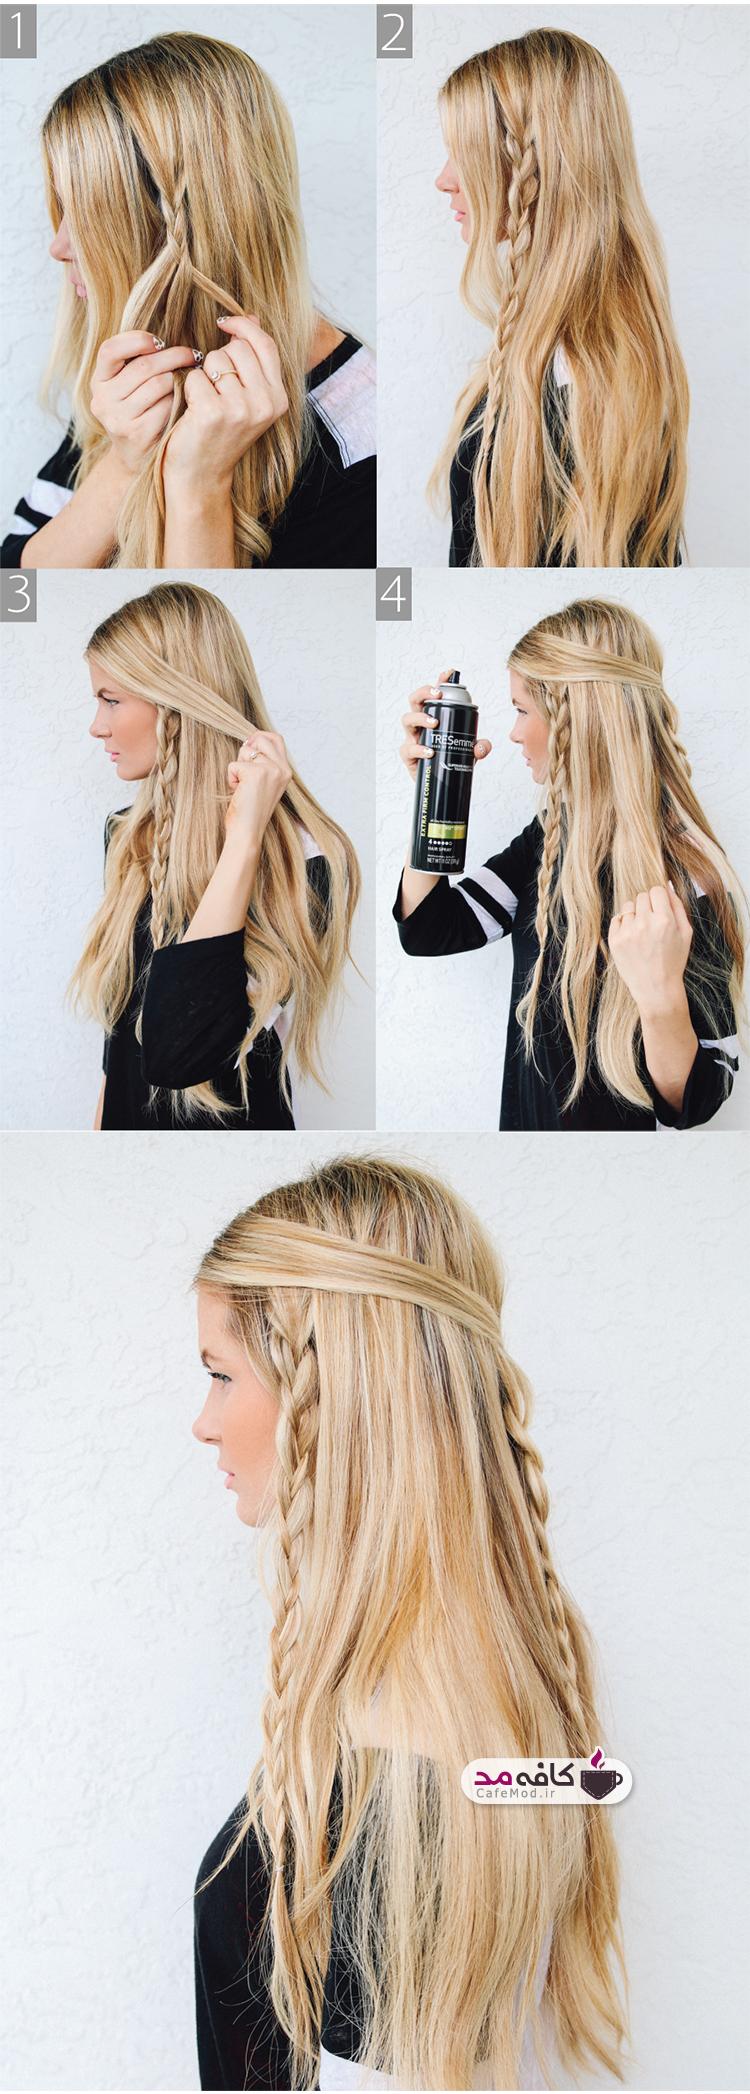 آموزش بافت موی بسیار بلند دخترانه